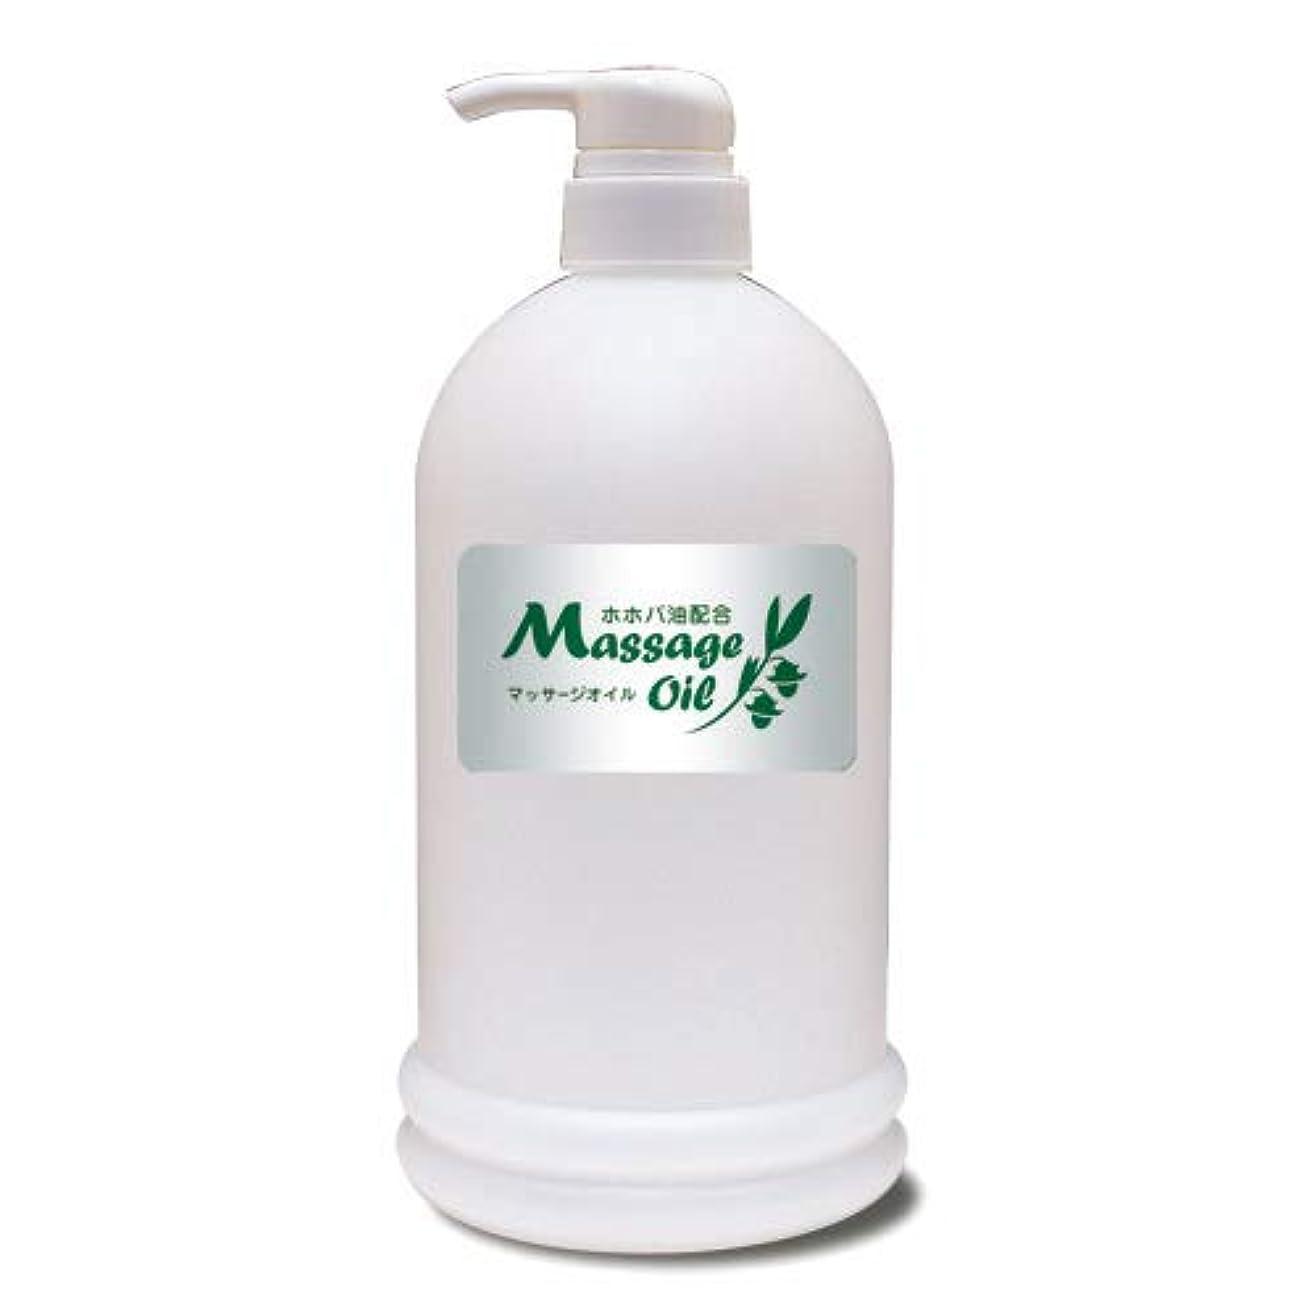 バッフルと虎ホホバ油配合マッサージオイル 1Lボトル│エステ店御用達のプロ仕様業務用マッサージオイル 大容量 ホホバオイル